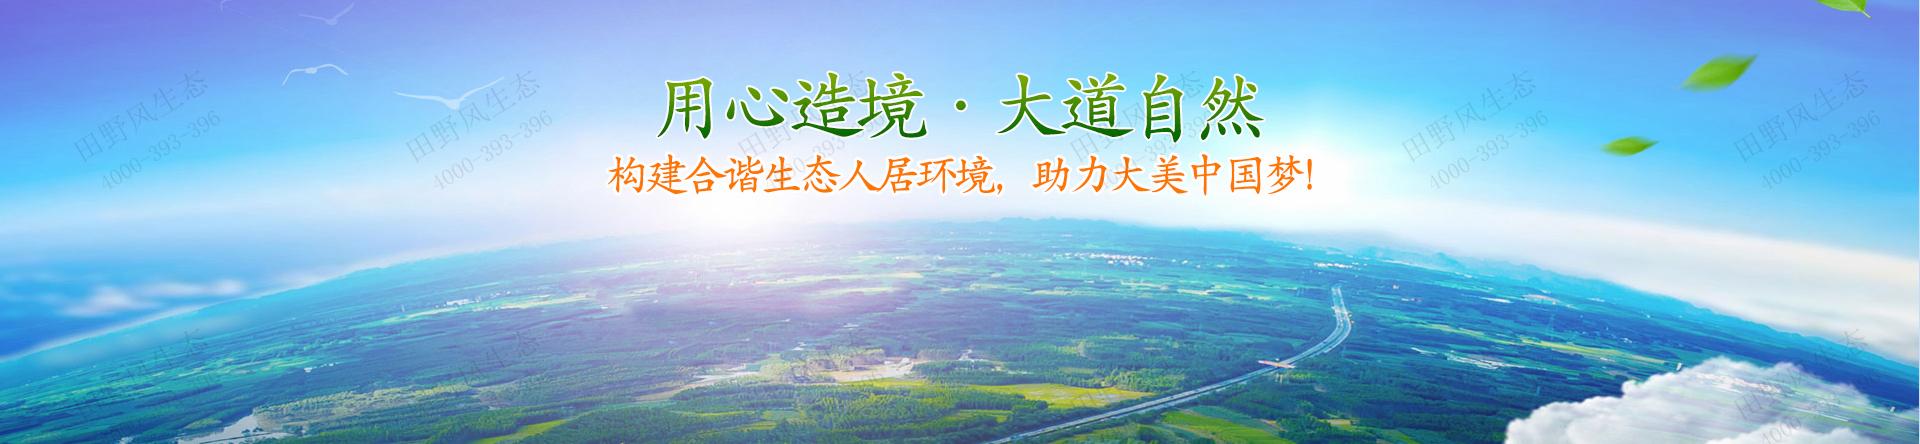 9走进田野风